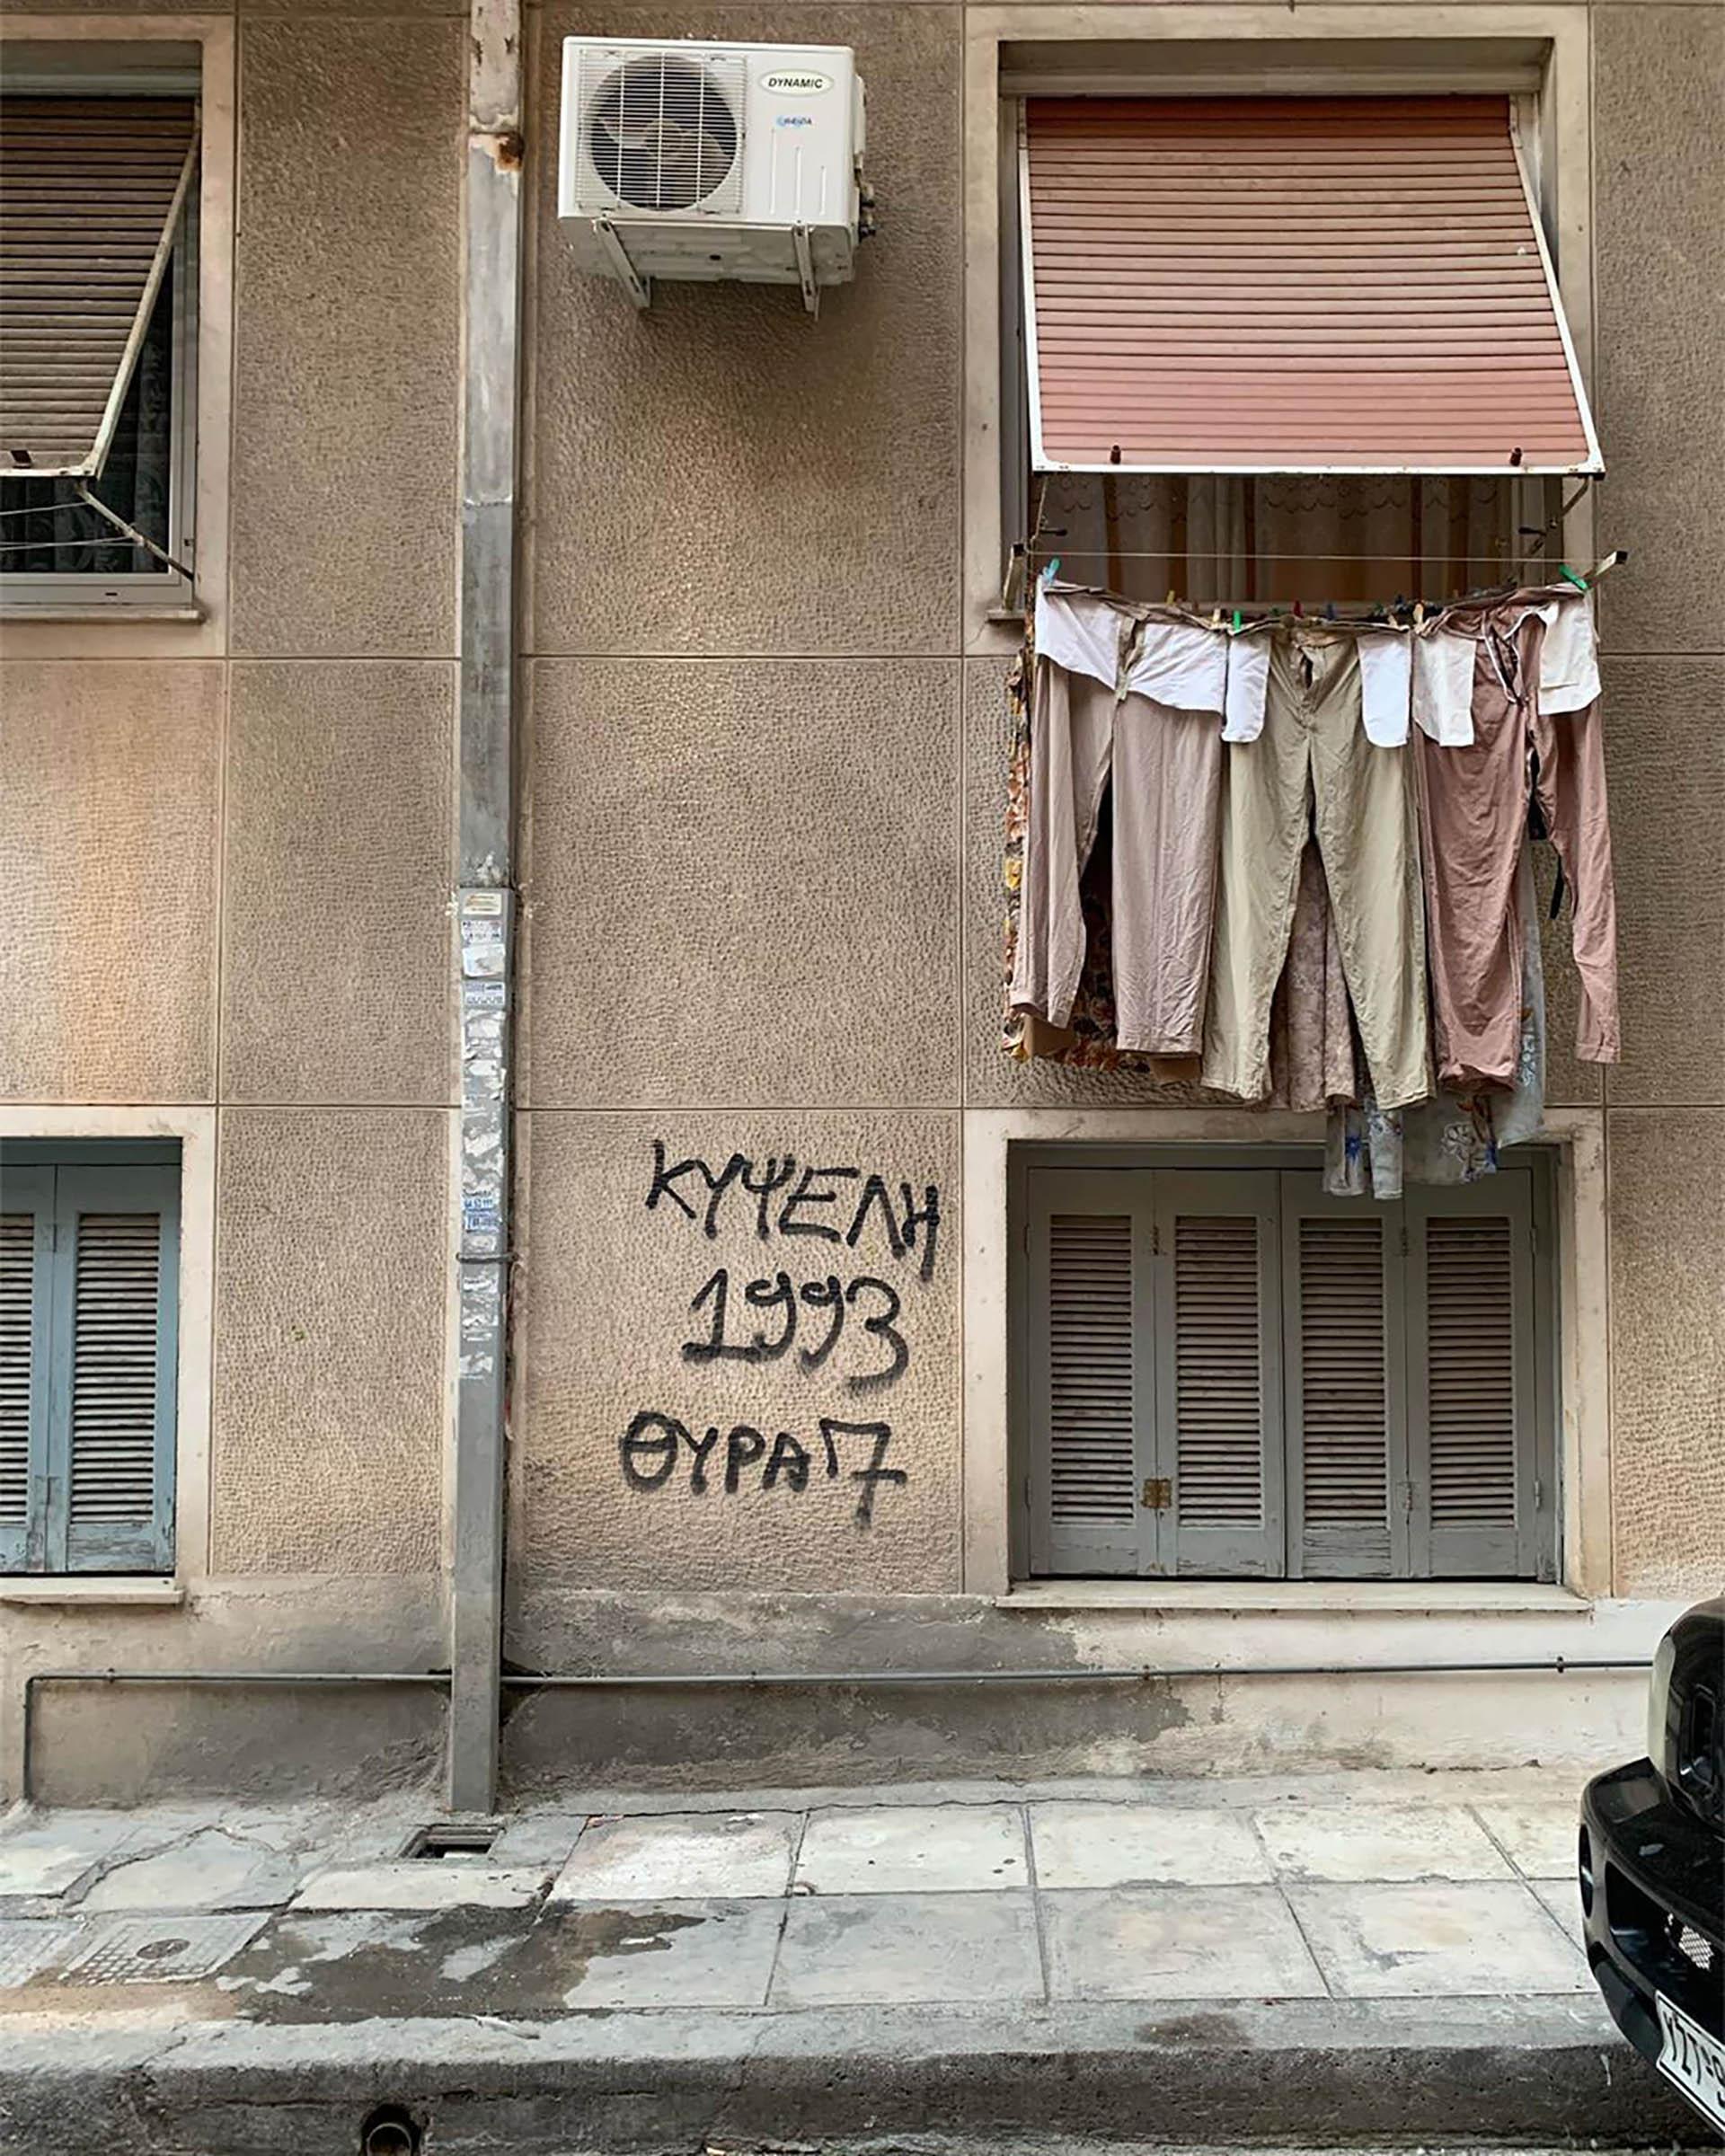 El barrio de Kypseli, al norte de la ciudad, no figura en la mayoría de las guías turísticas de Atenas; de hecho, muchos habitantes de Atenas ni siquiera lo conocen. Sin embargo, si lo que se desea es compartir la auténtica vida cotidiana del pueblo de Atenas, este es el lugar indicadp